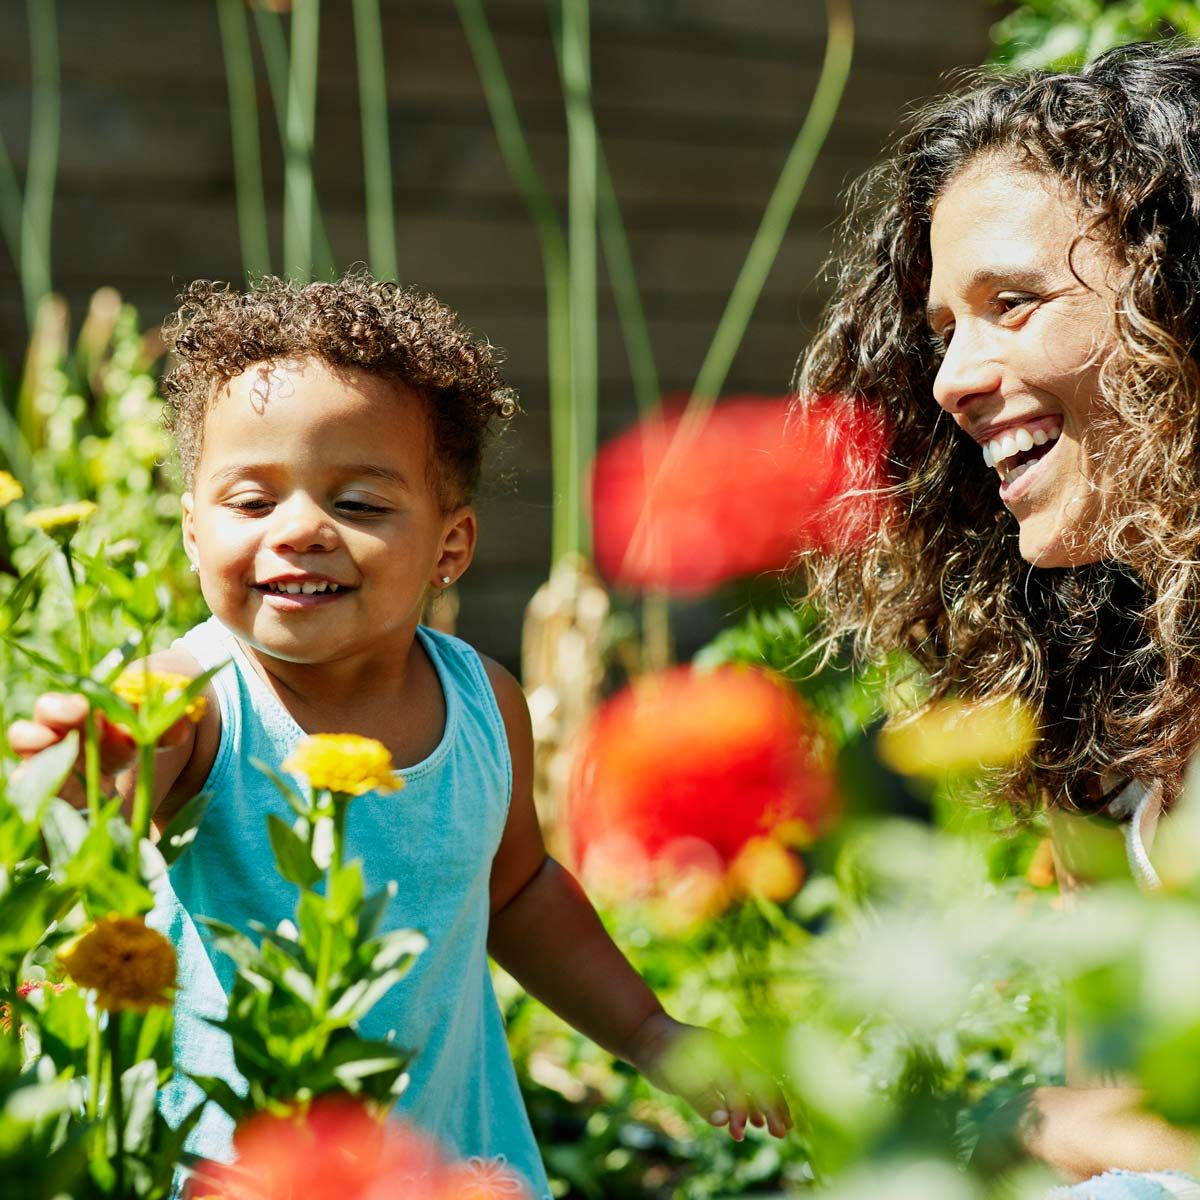 Smiling mother and toddler daughter enjoying flowers growing in backyard garden